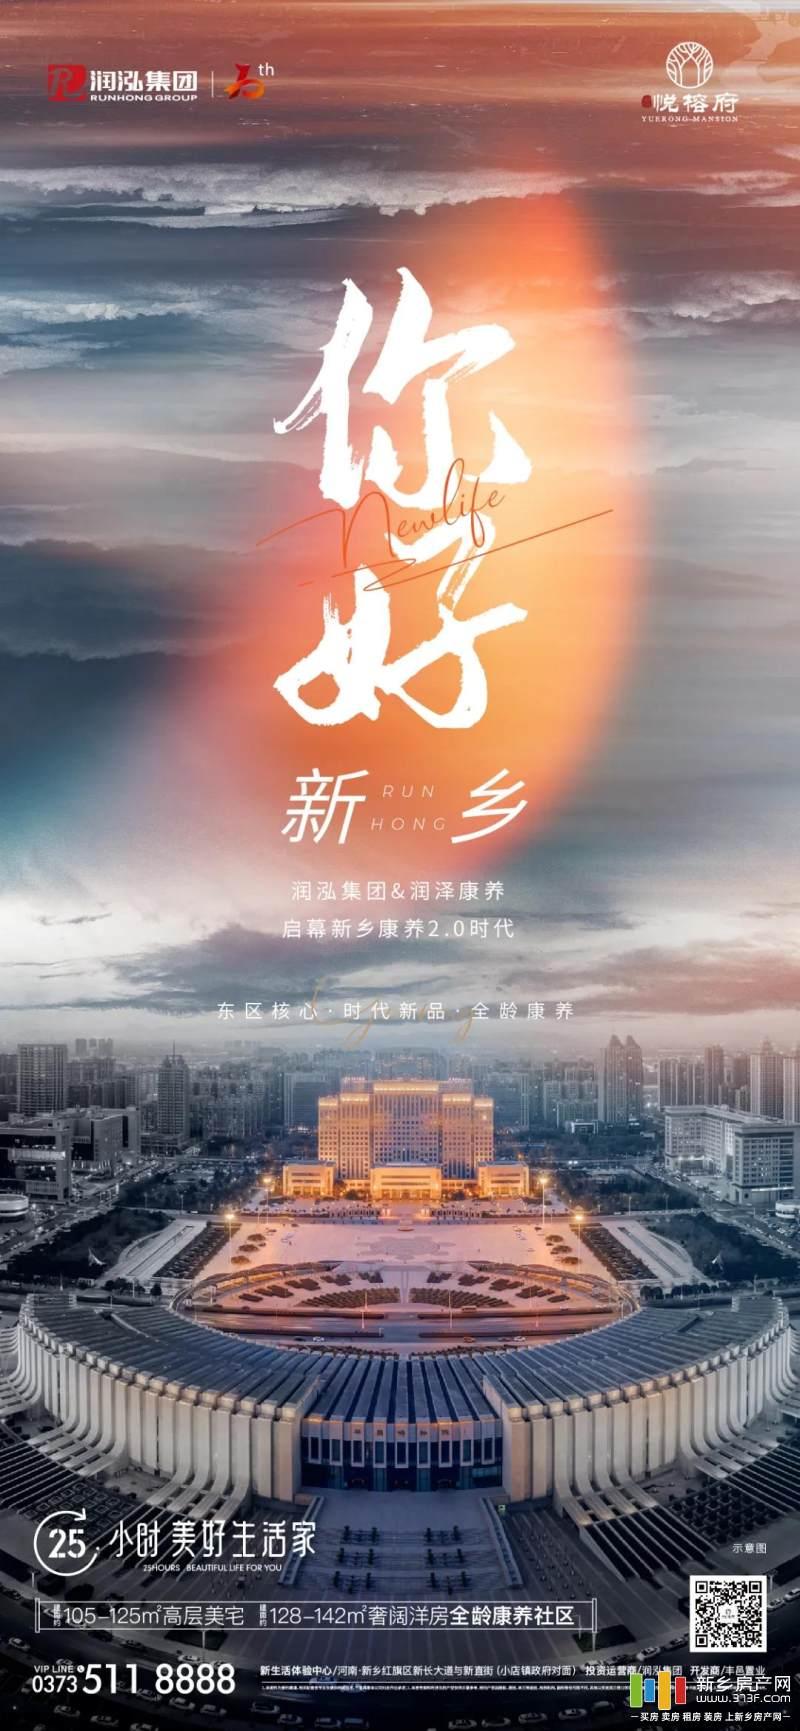 润泓丰邑悦榕府海报